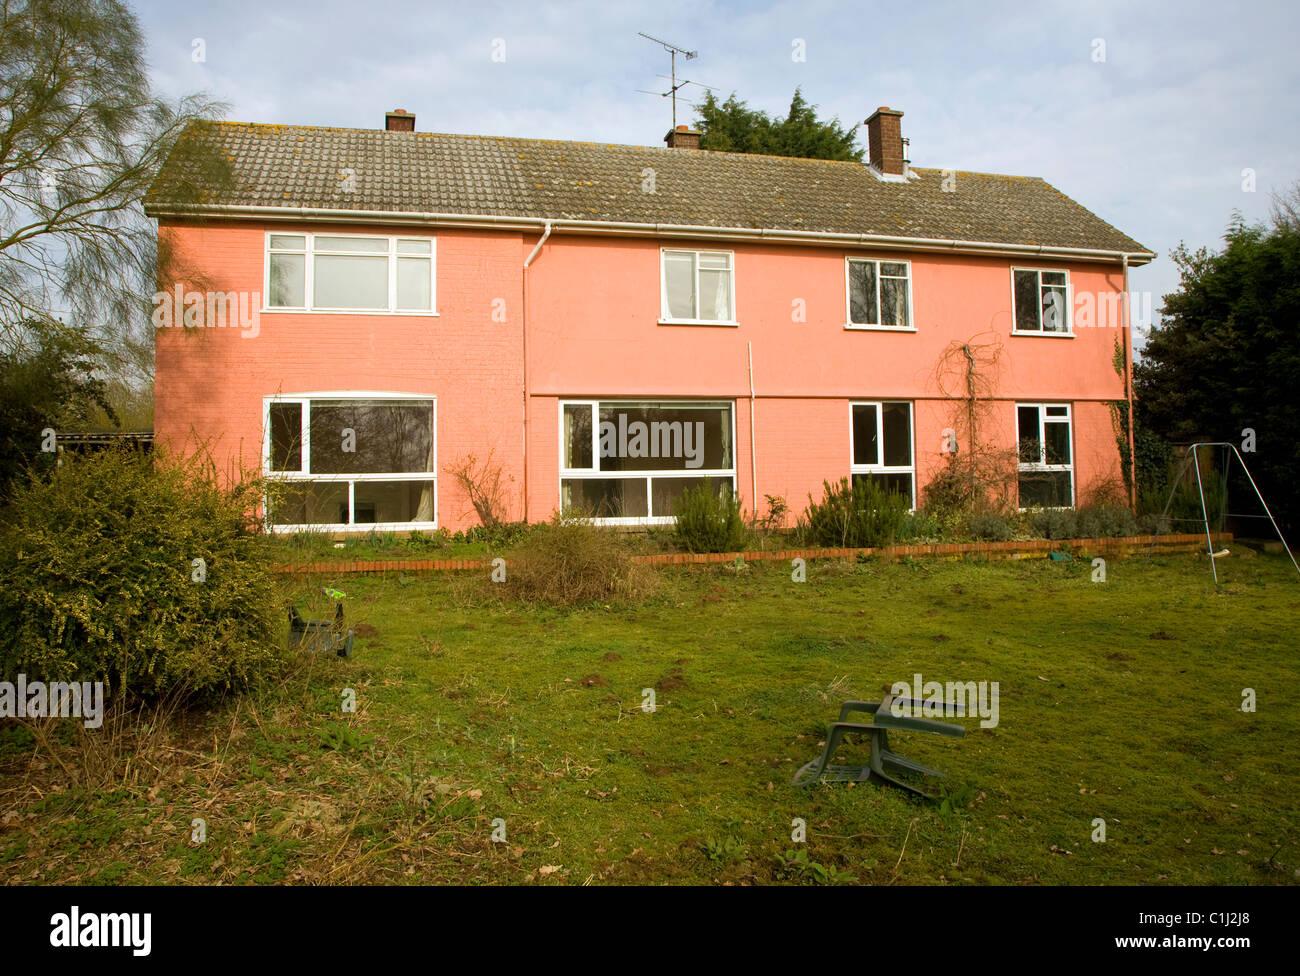 Orange washed empty large detached house abandoned Stock Photo